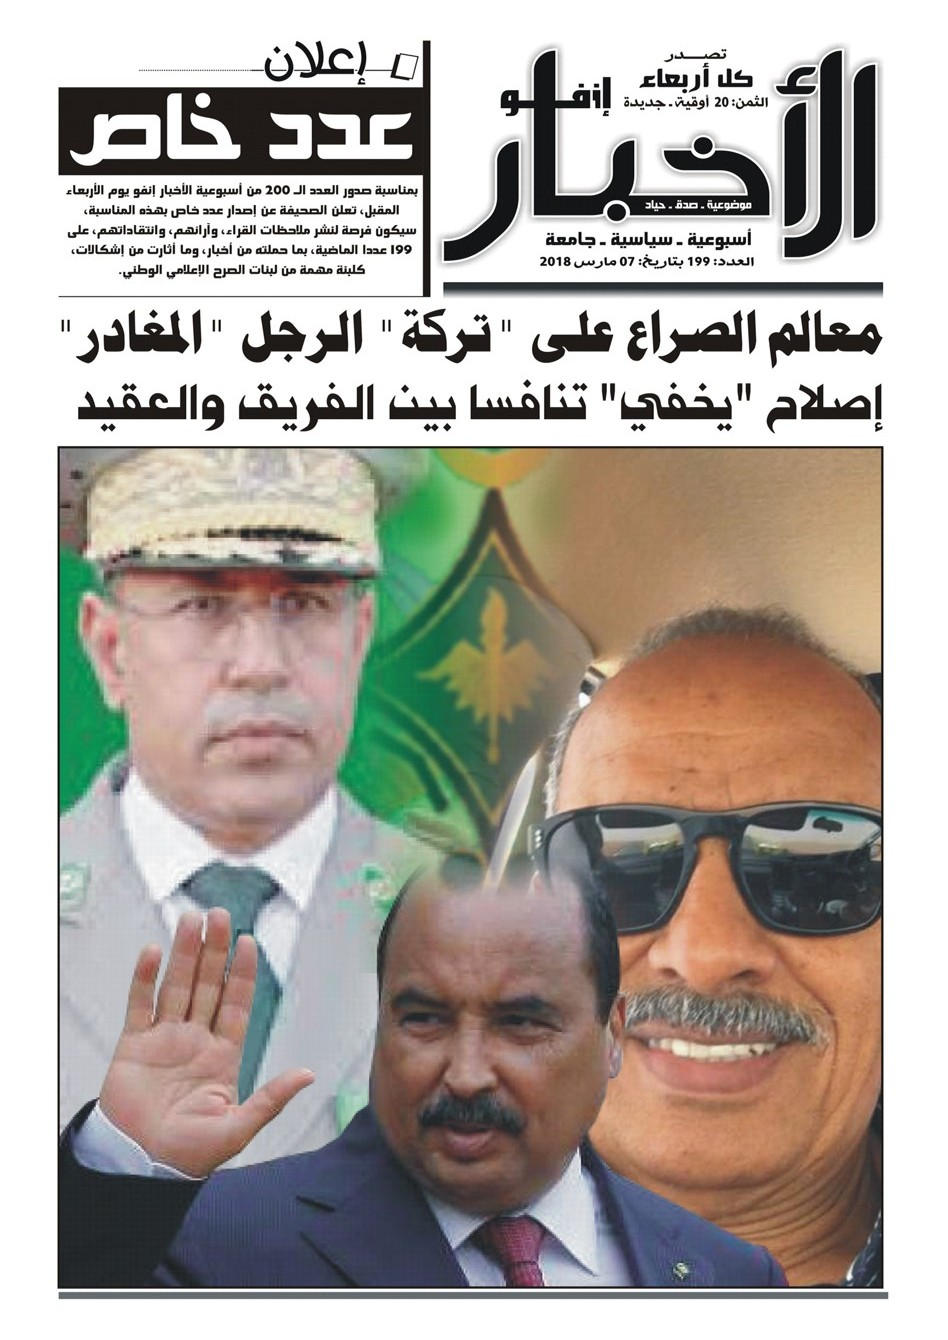 الصفحة الأولي من عدد الصحيفة